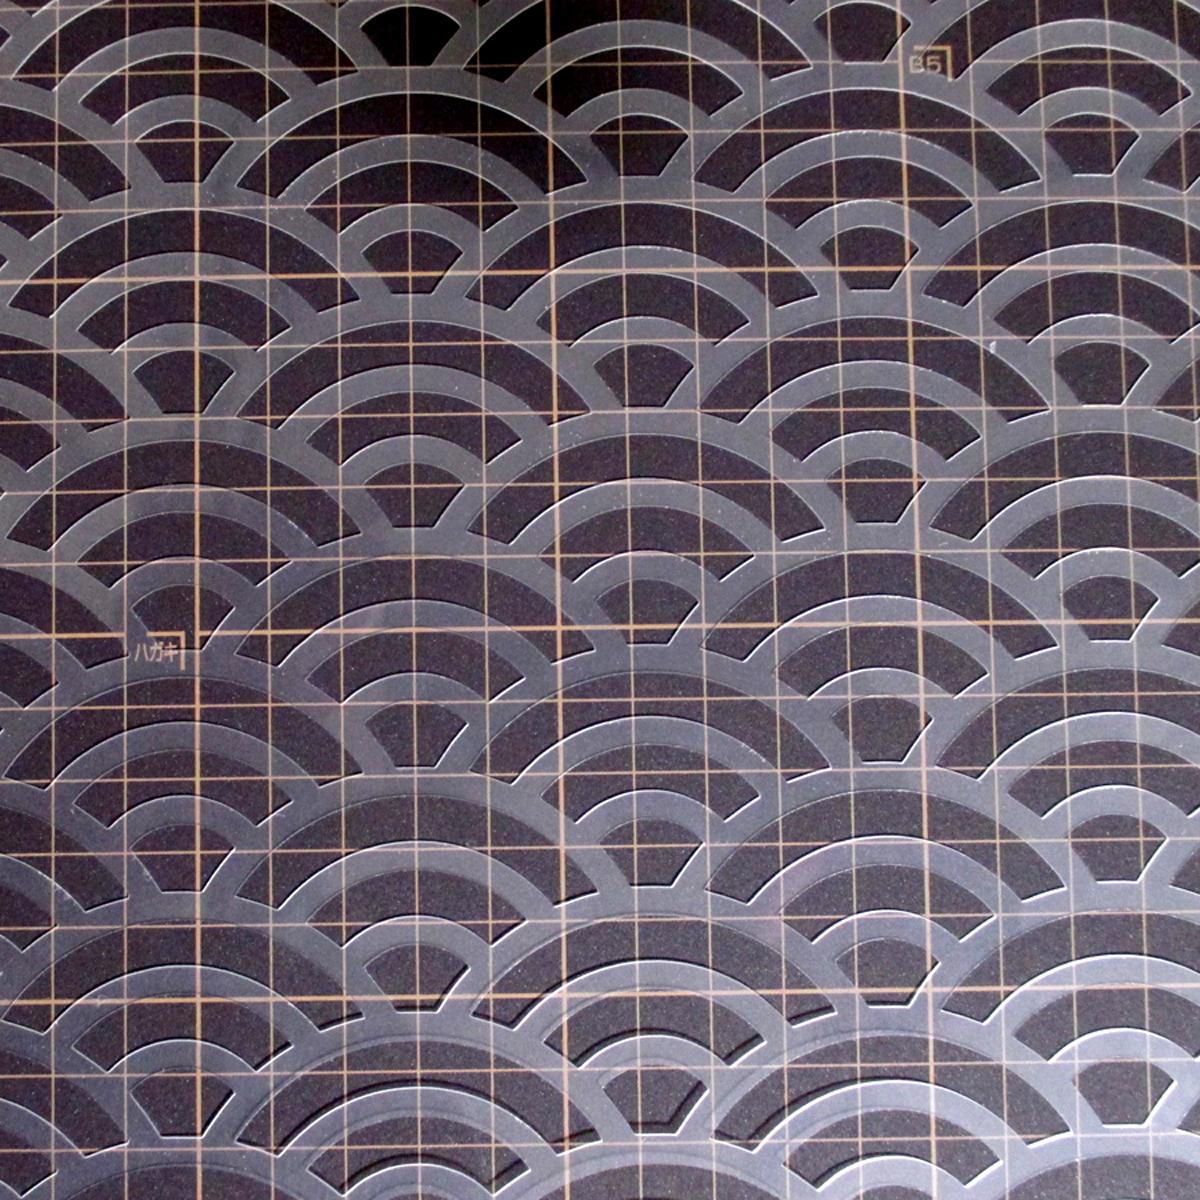 青海波 和風地紋5番 NO235 ステンシルシート 型紙図案_画像5